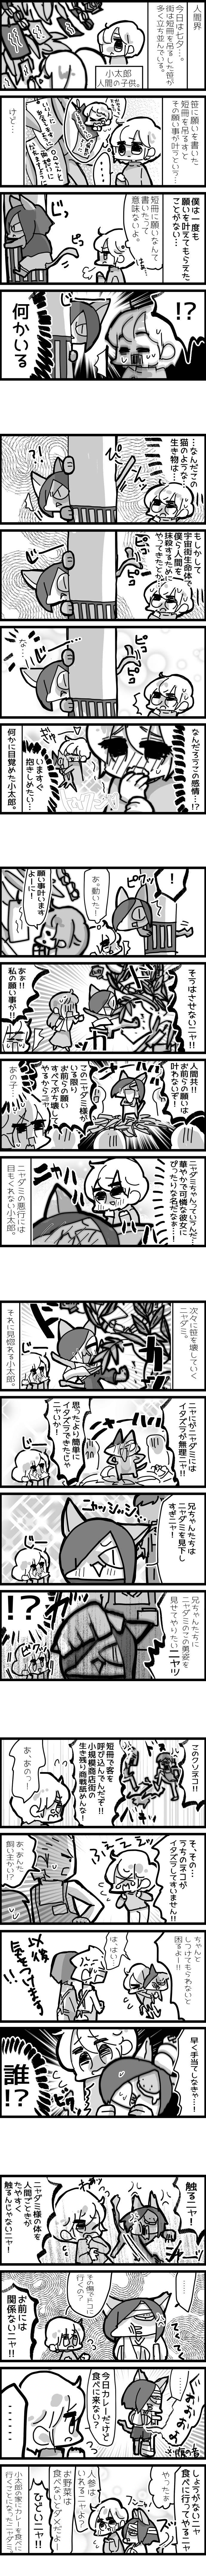 neetsadami.com_4話